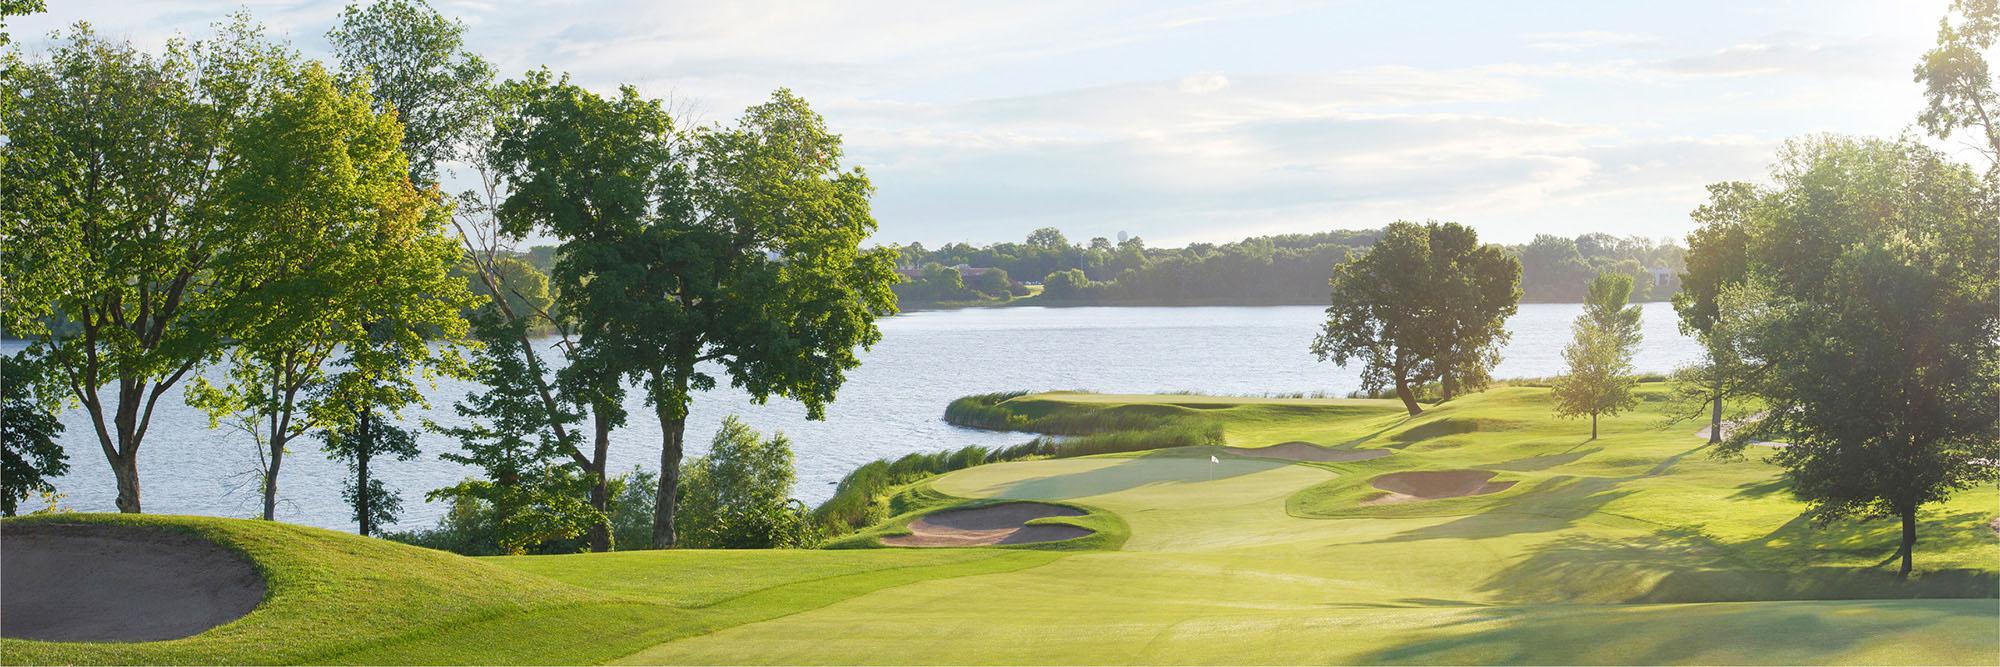 Golf Course Image - Hazeltine No. 10